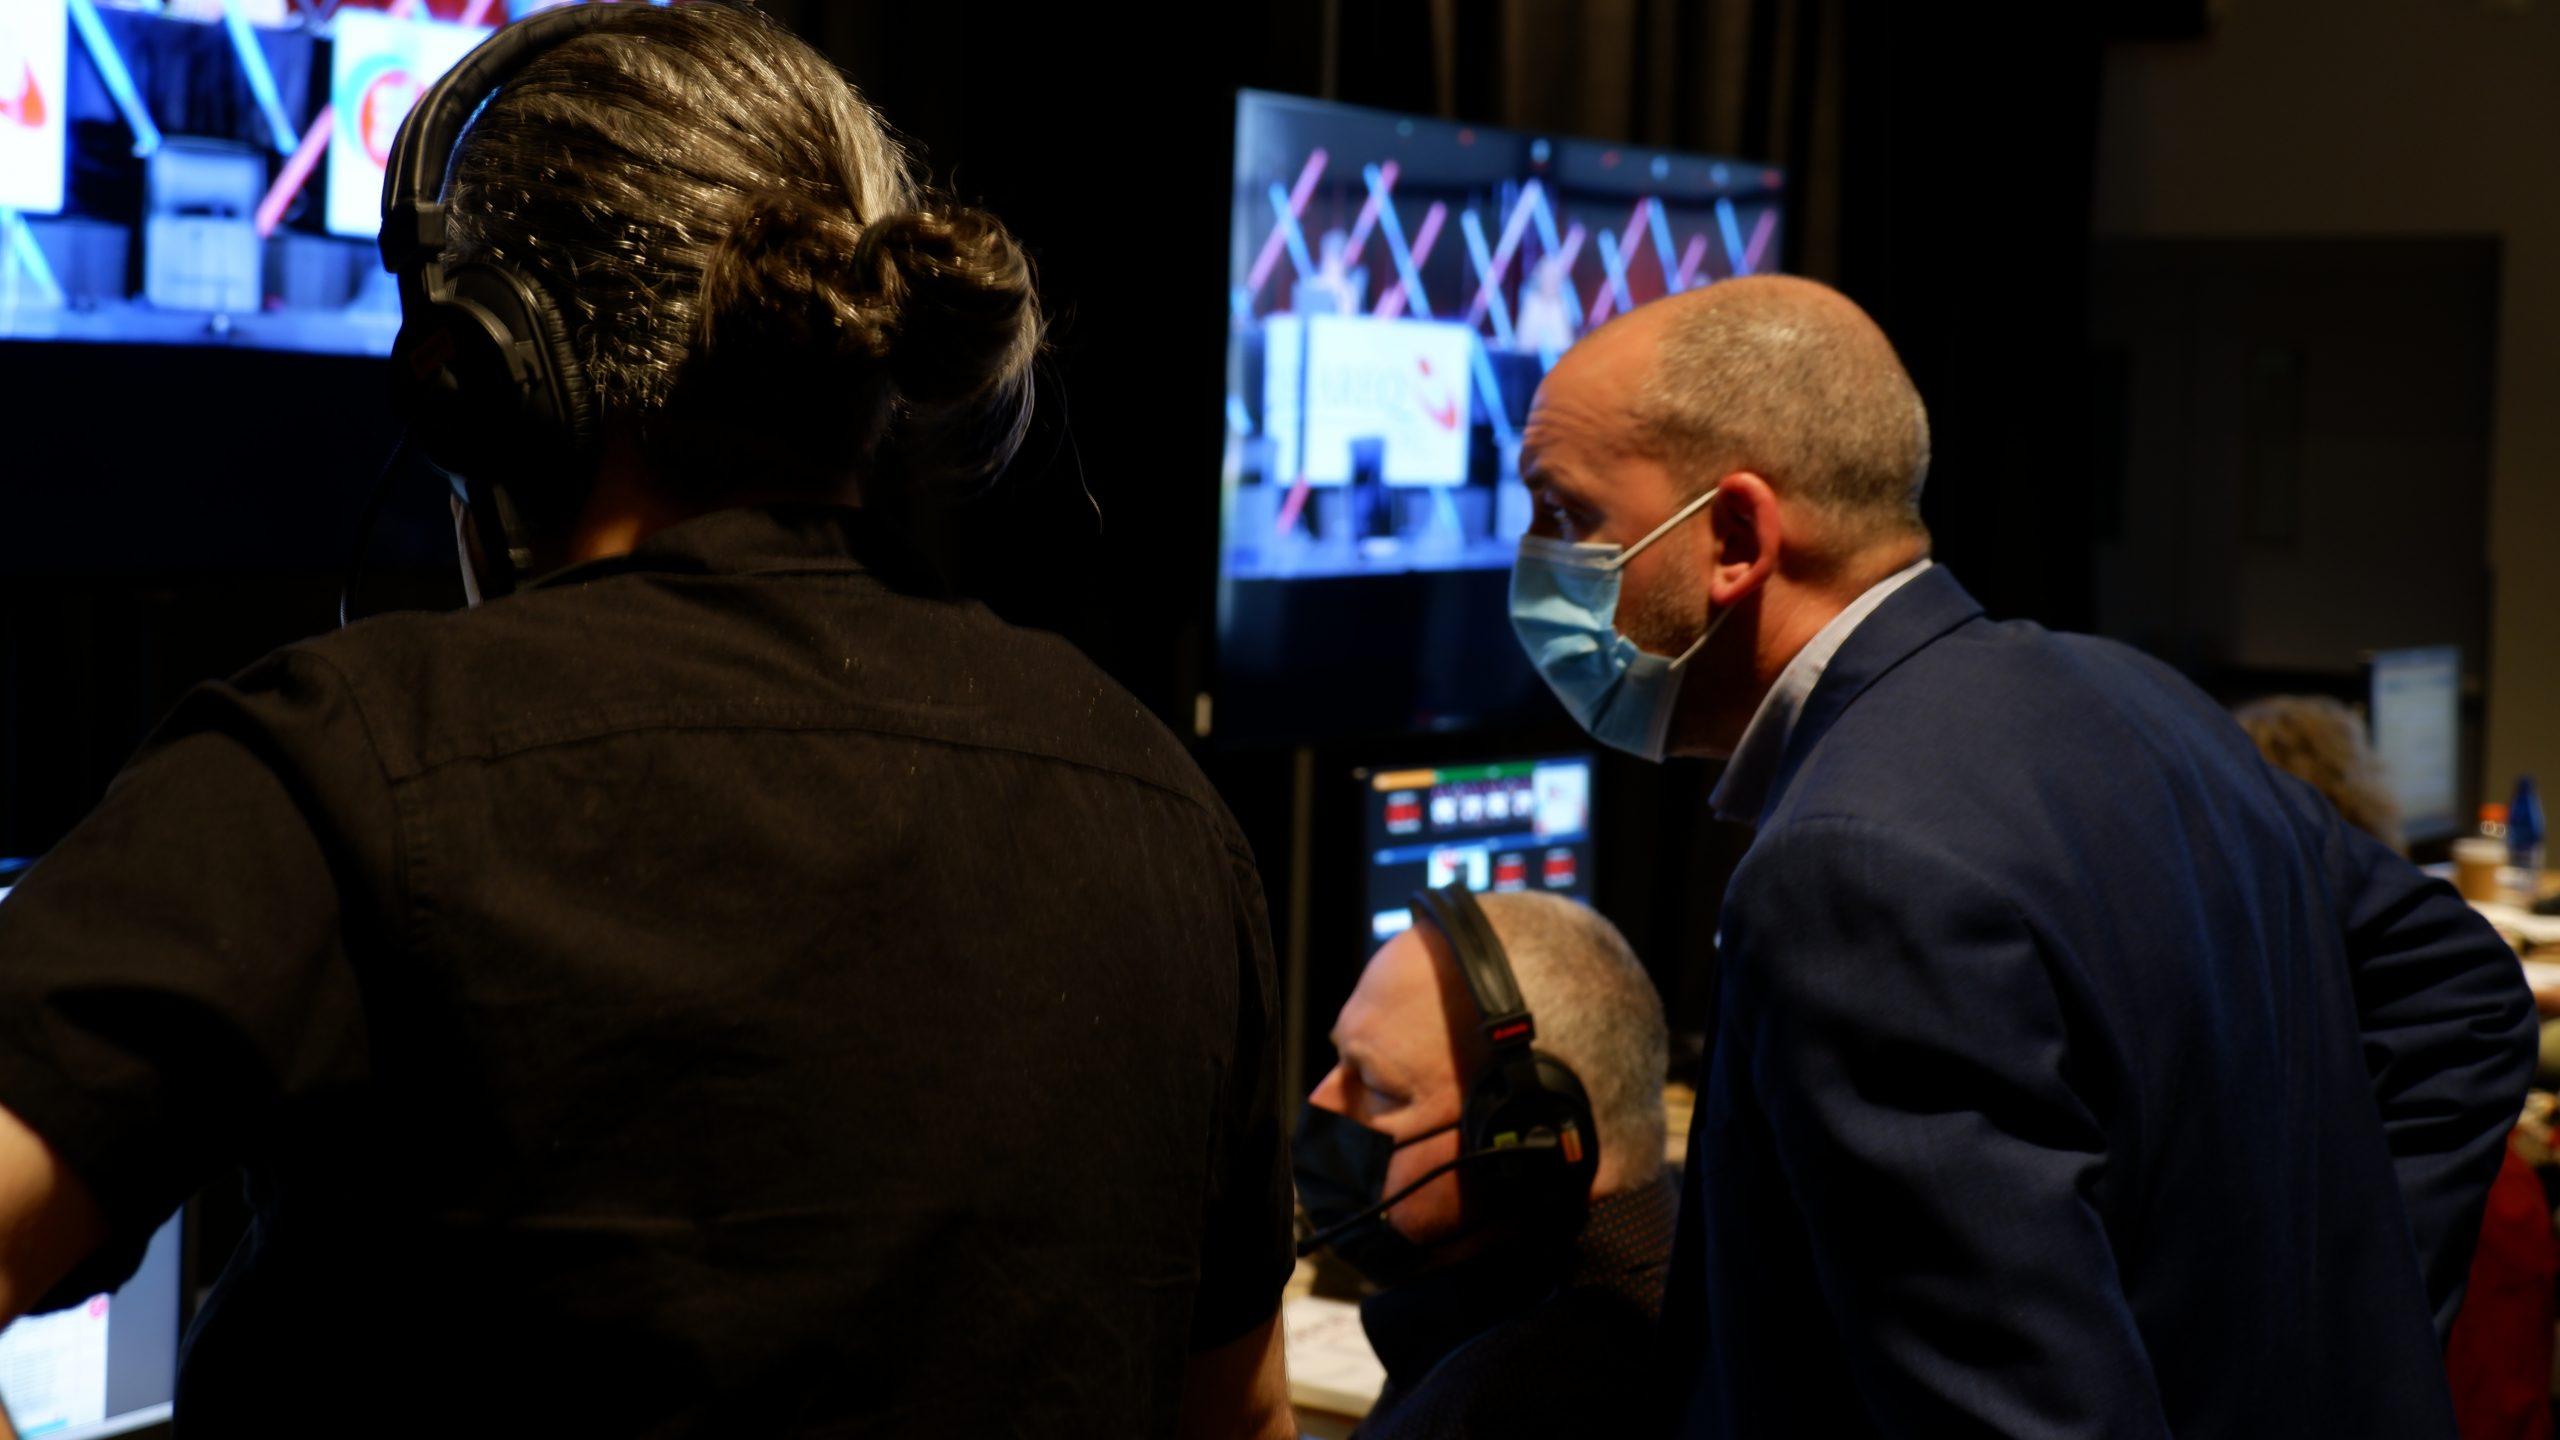 Organisation d'un congrès virtuel: l'envers du décor